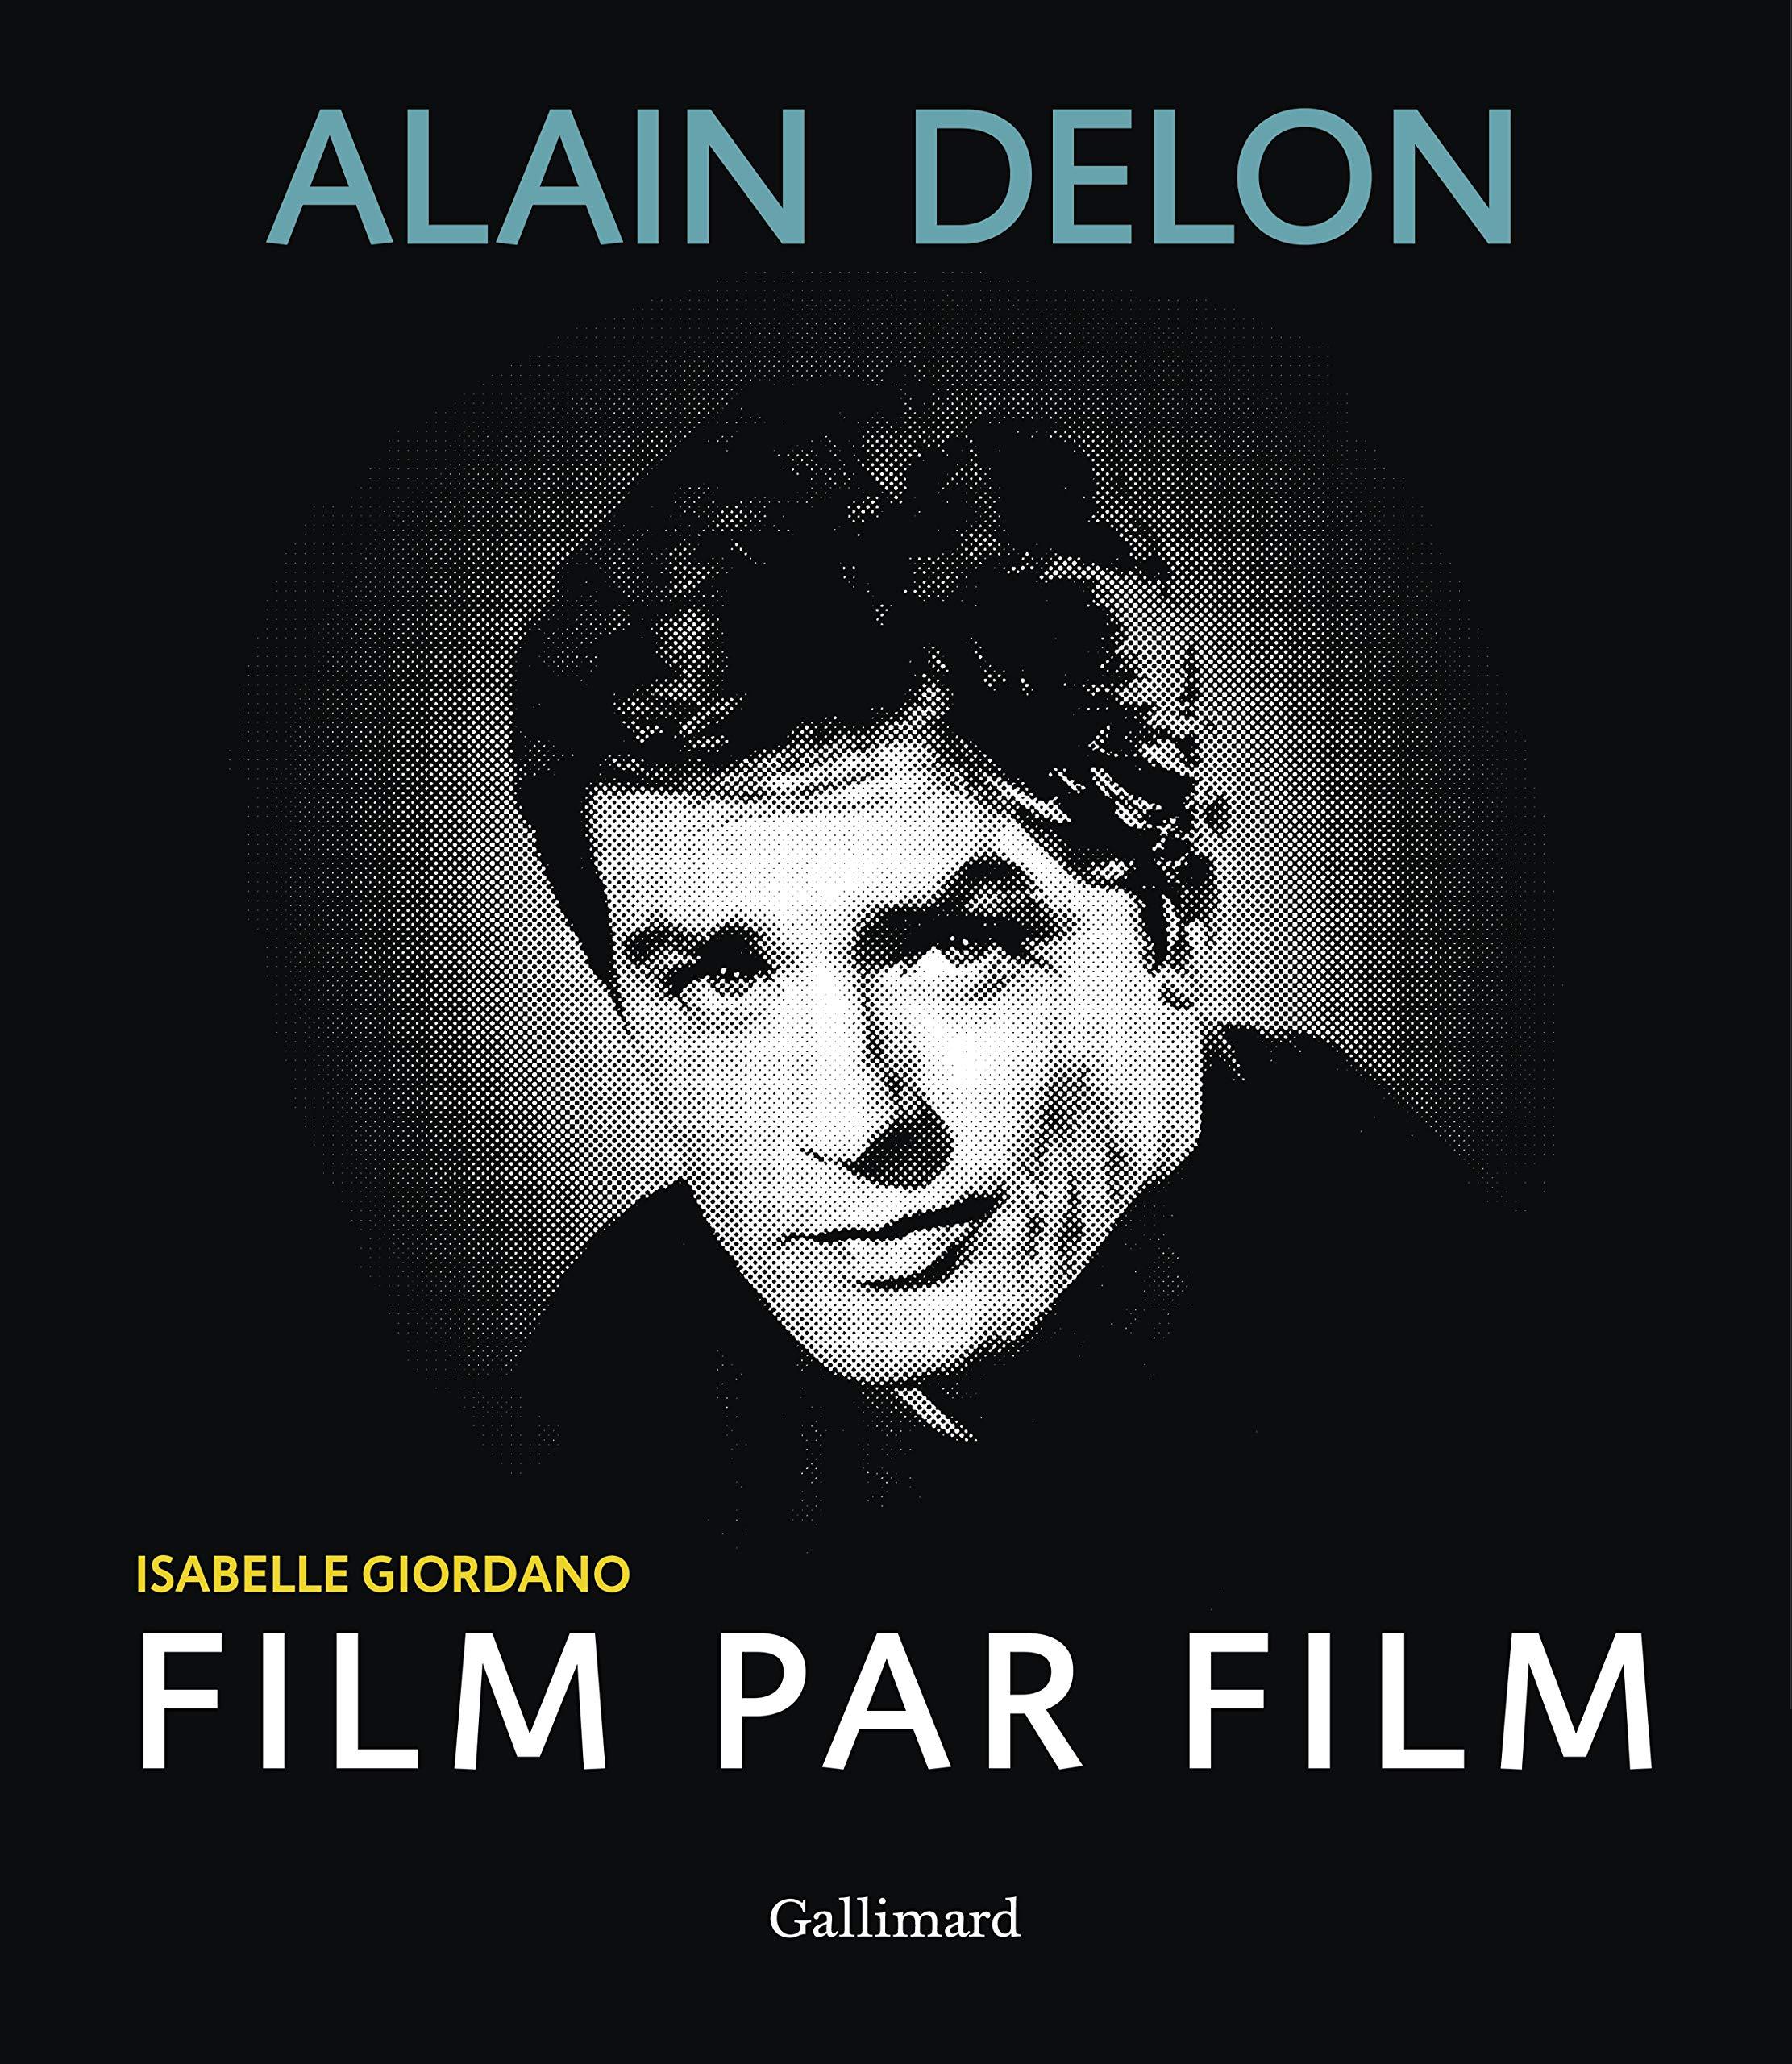 GITAN DELON LE TÉLÉCHARGER FILM ALAIN